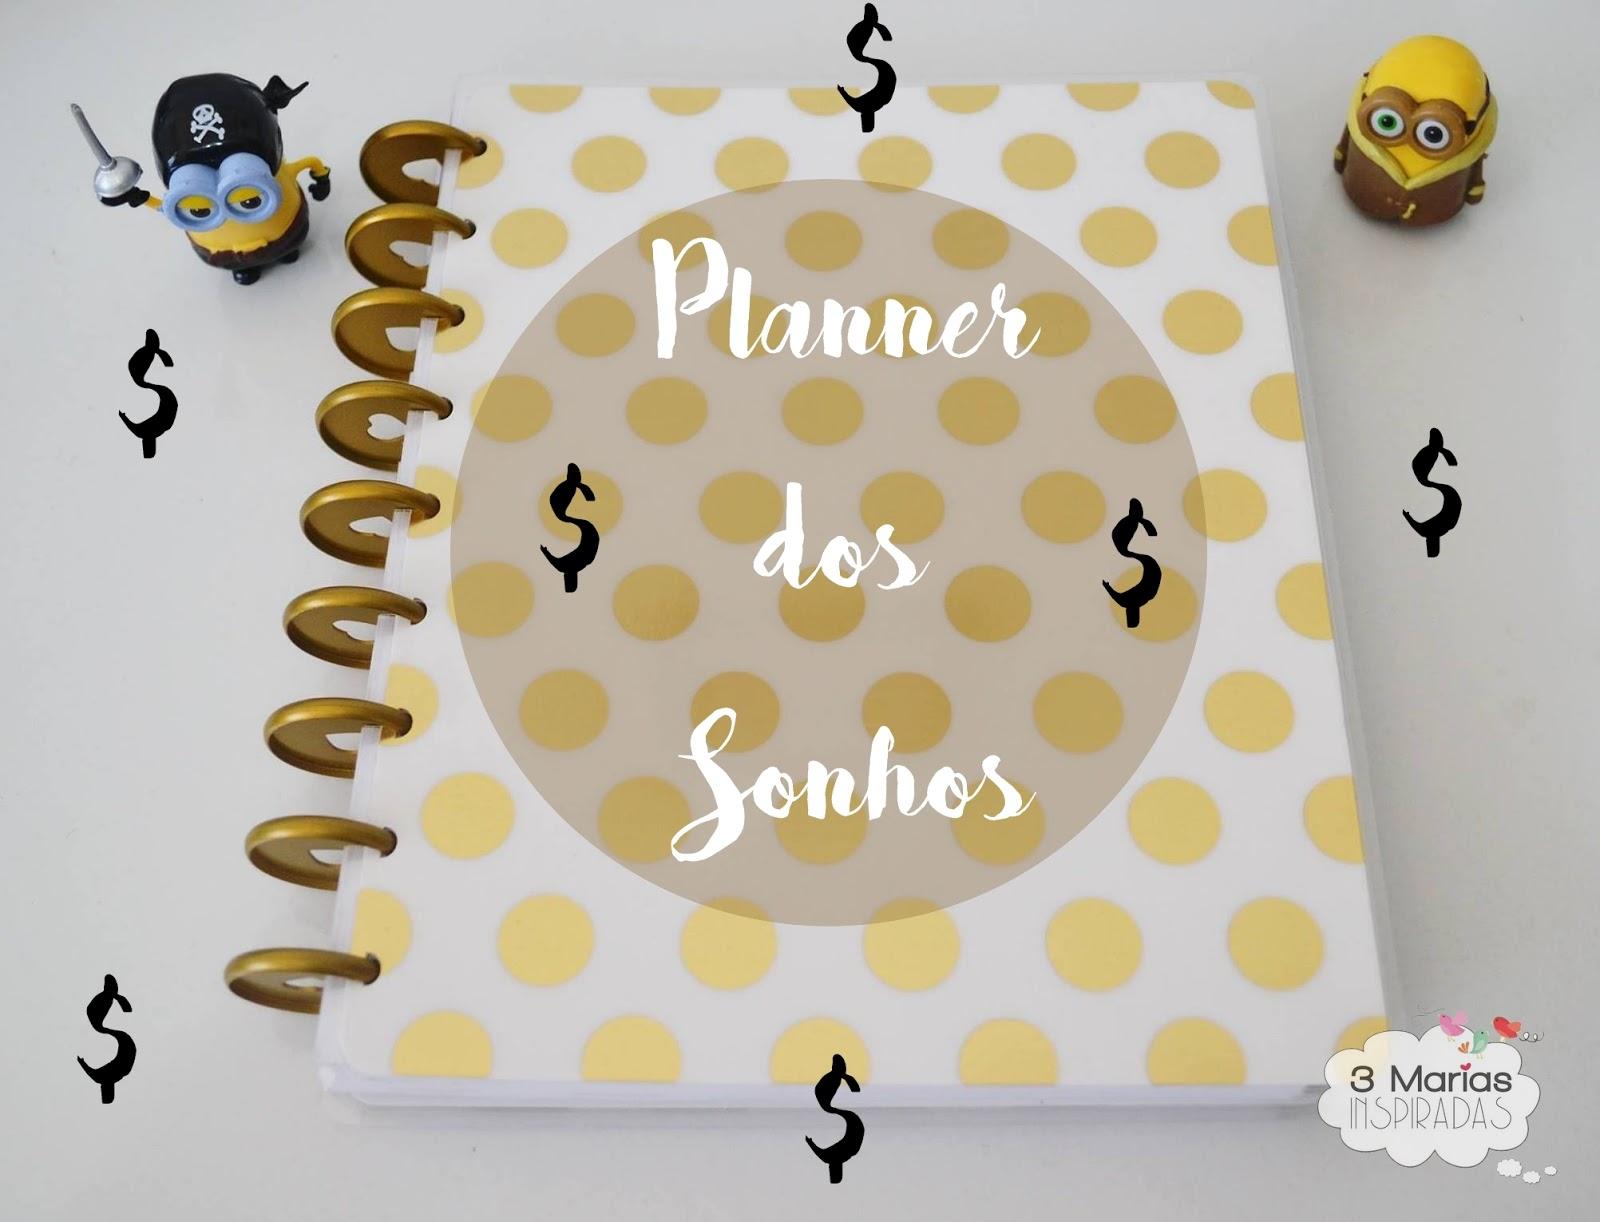 O planner dos sonhos que cabe no seu bolso 3 marias for Planning mural 2017